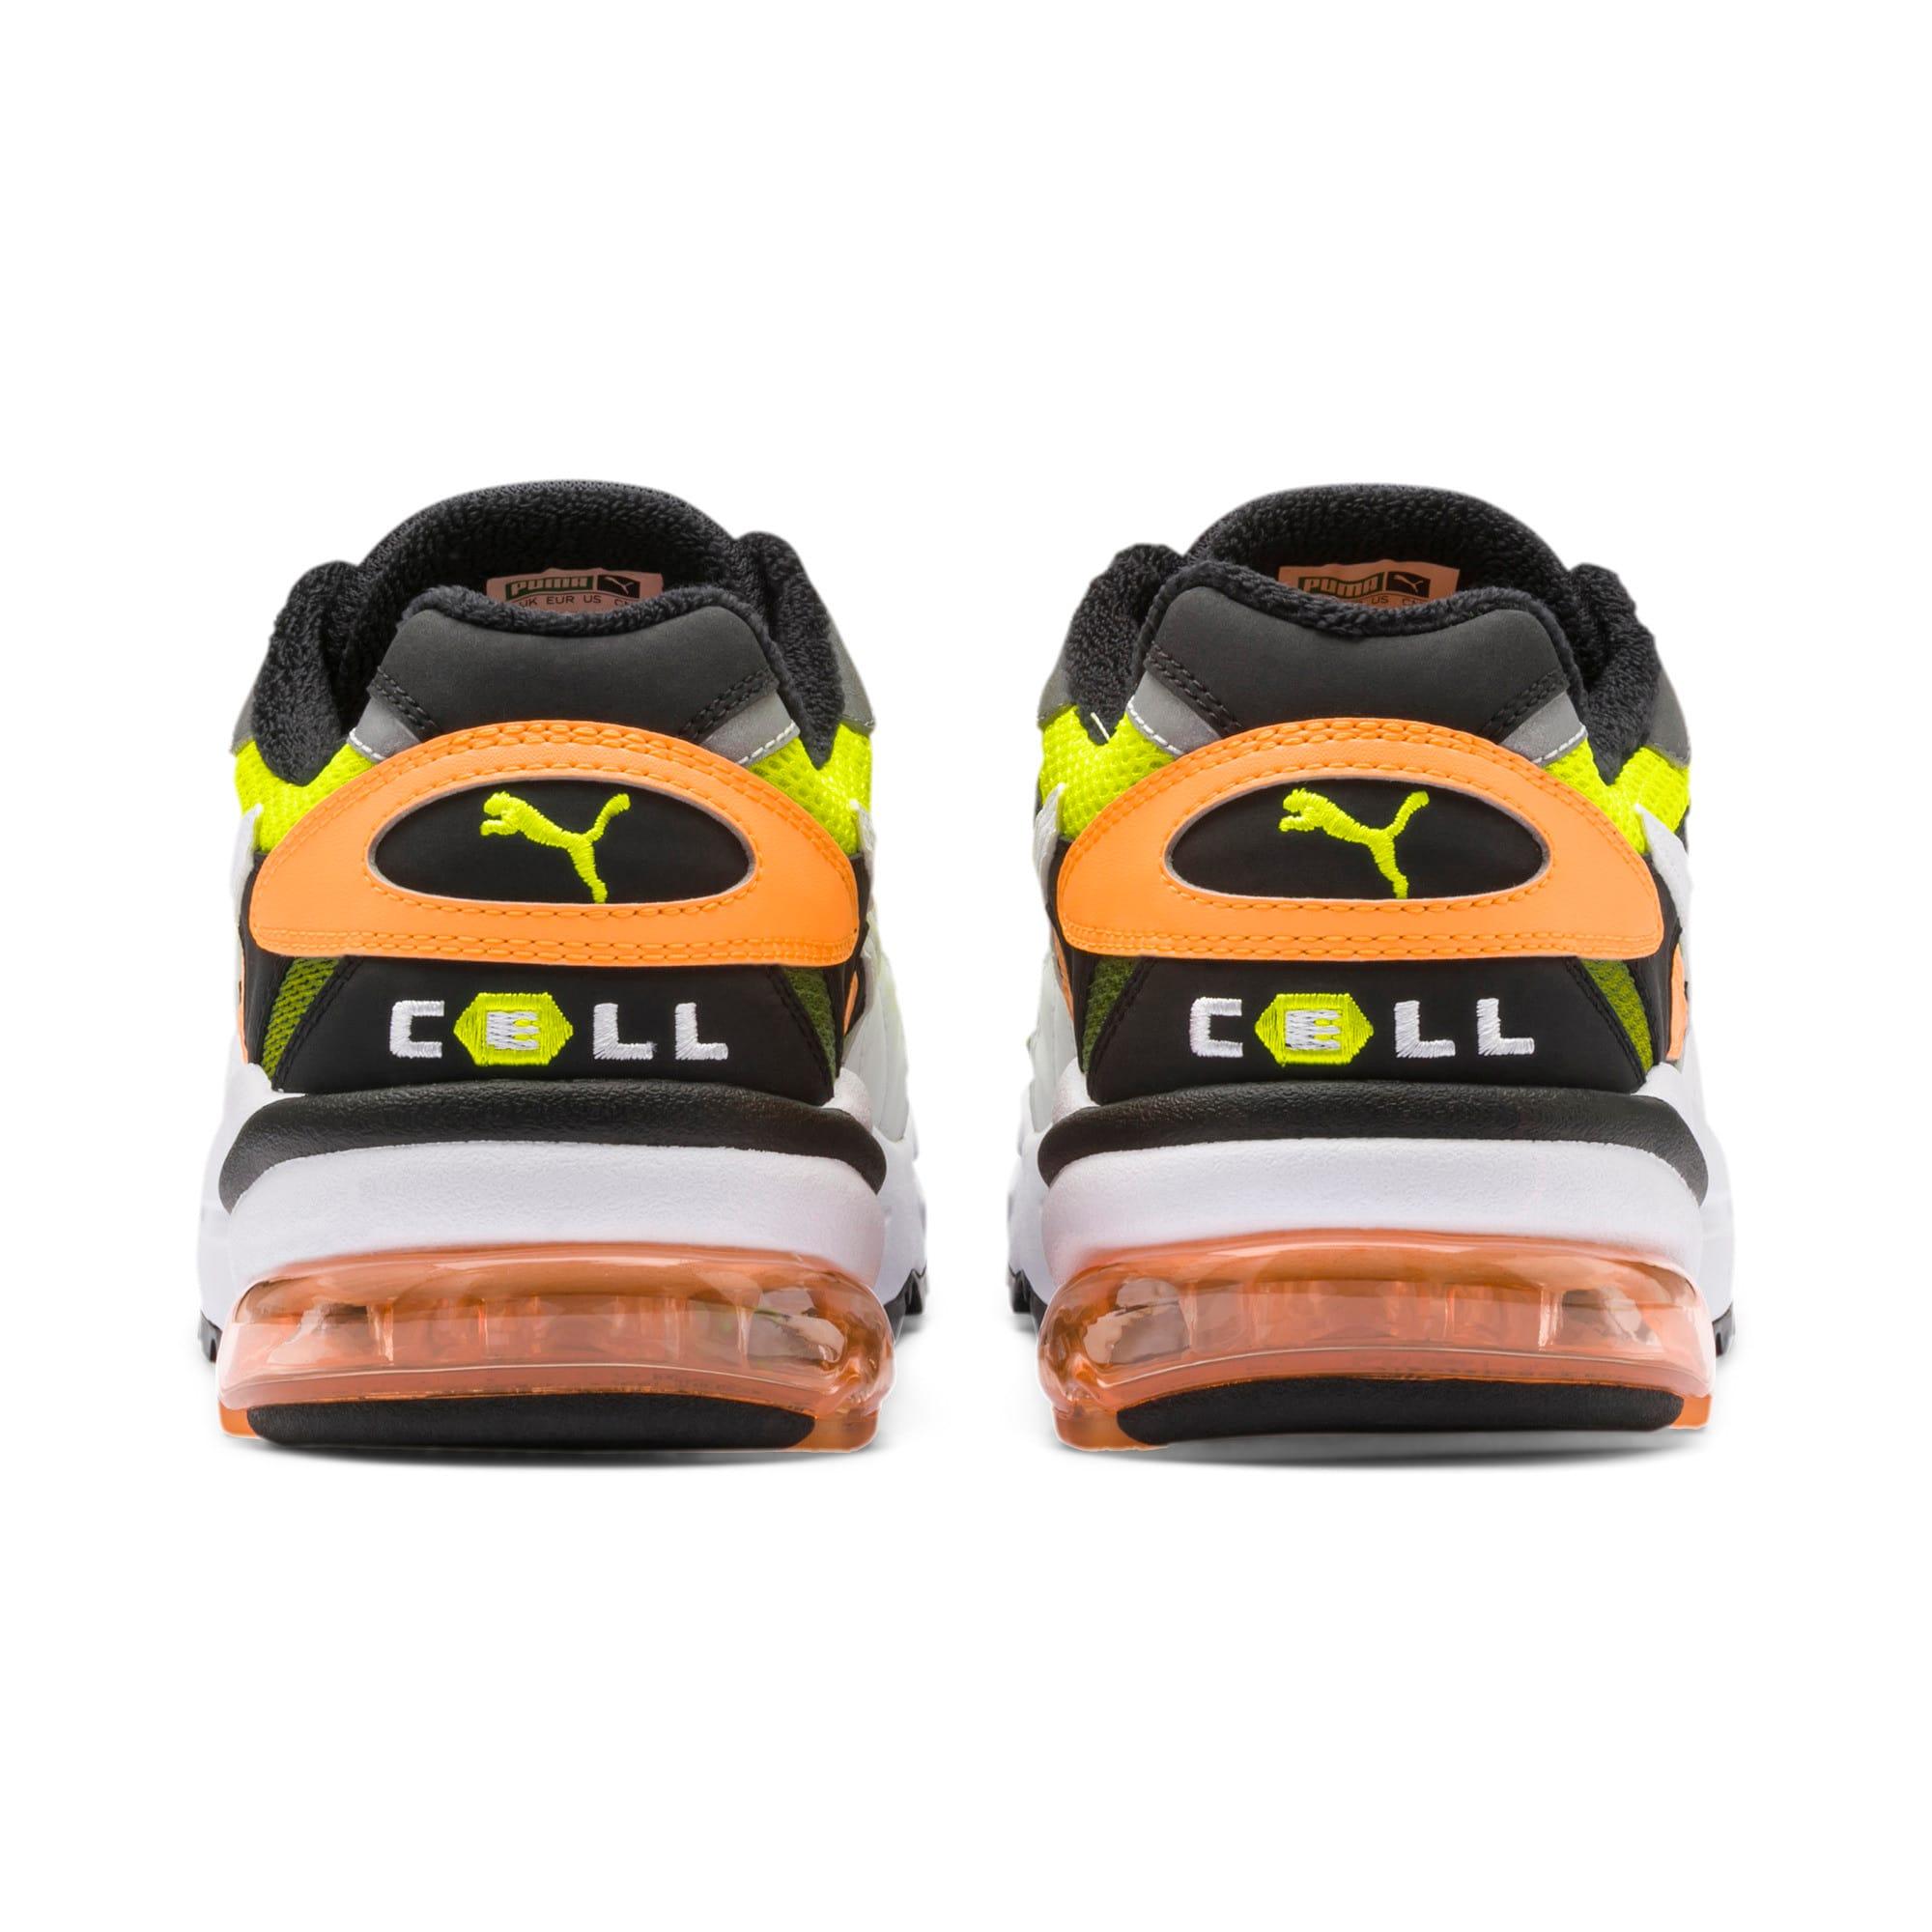 Thumbnail 4 of CELL Alien OG Sneakers, Yellow Alert-Fluo Orange, medium